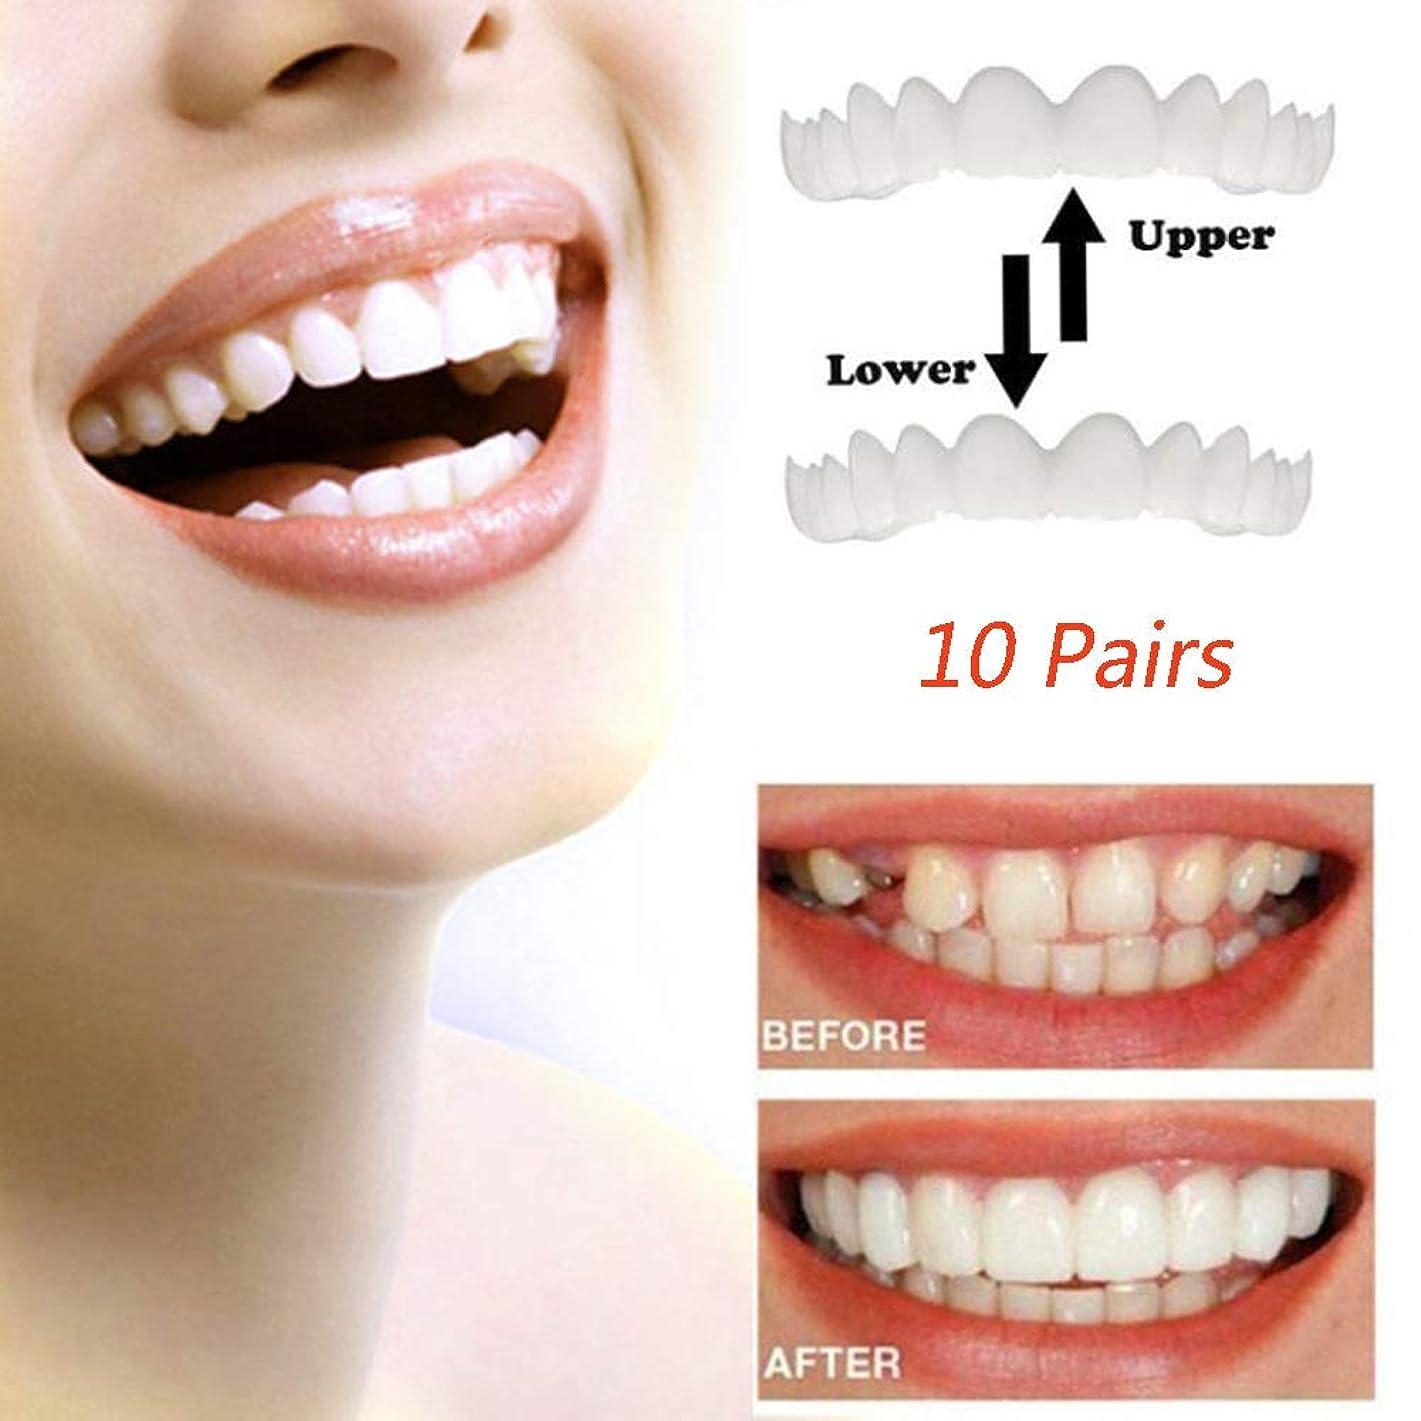 一瞬コンテンポラリーやむを得ないプロの笑顔仮歯キット10ペア上下の歯の化粧品のベニヤ自信を持って笑顔の快適さフレックスパーフェクトベニヤワンサイズフィット